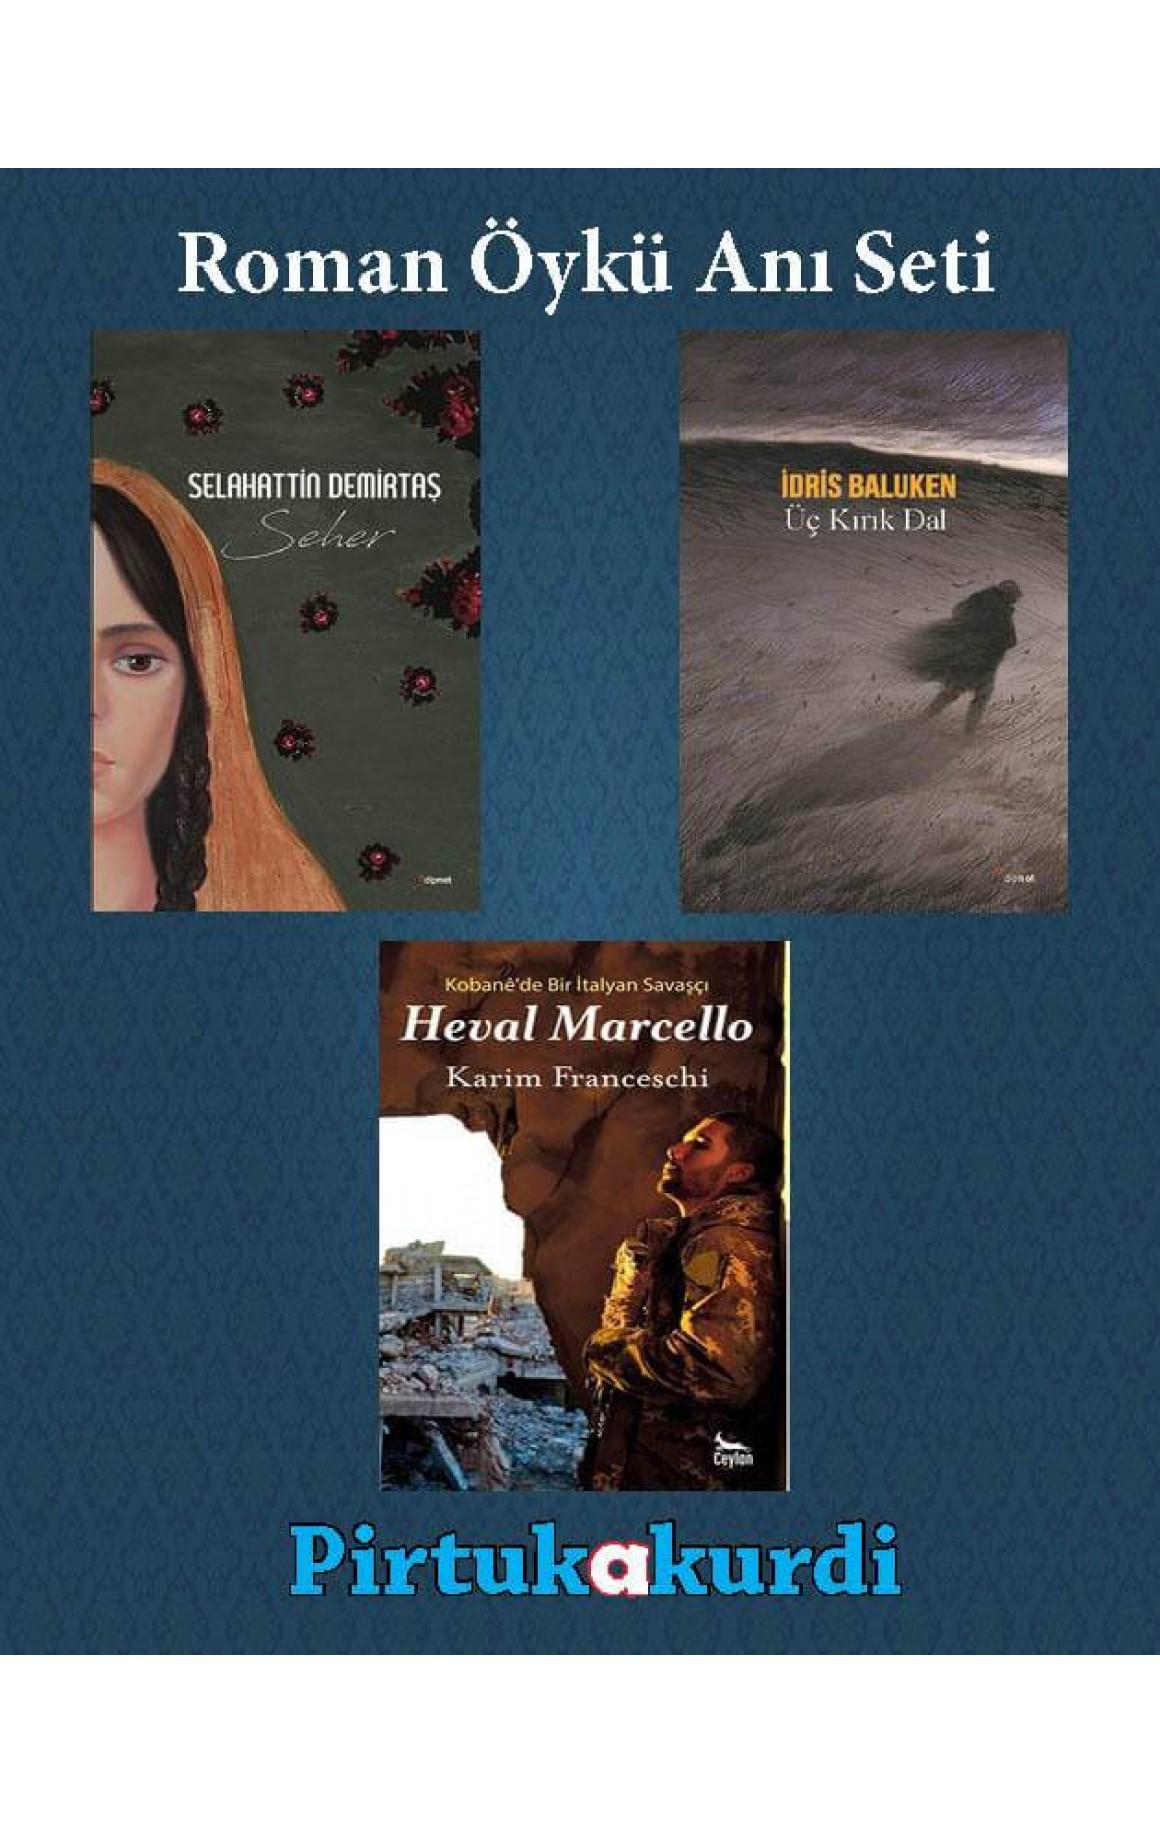 Roman Öykü Anı Seti